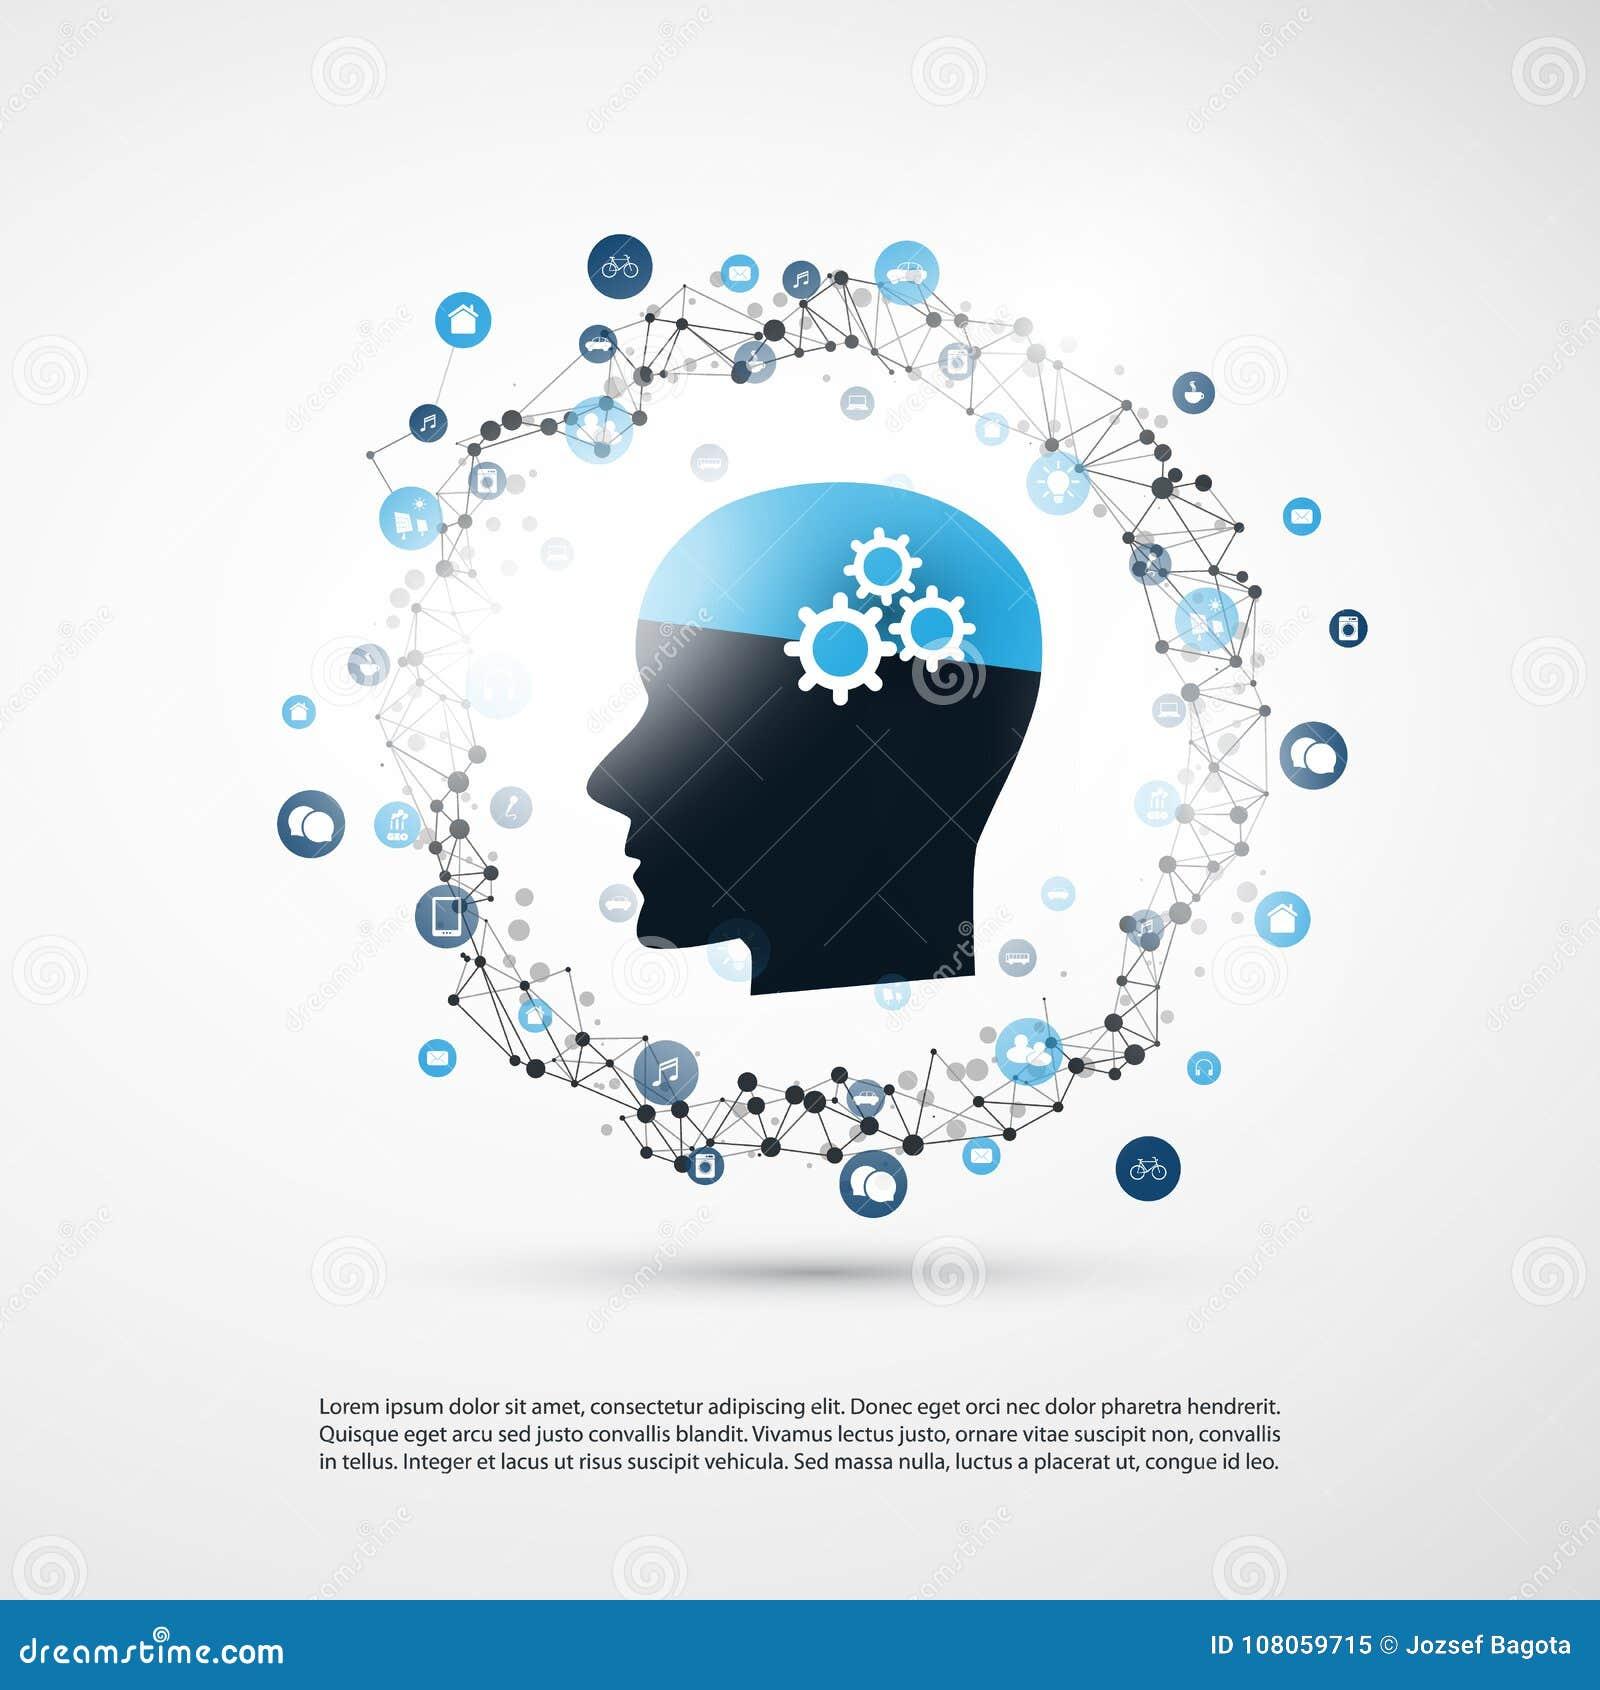 Lära för maskin, konstgjord intelligens och nätverksdesignbegrepp med symboler och det mänskliga huvudet